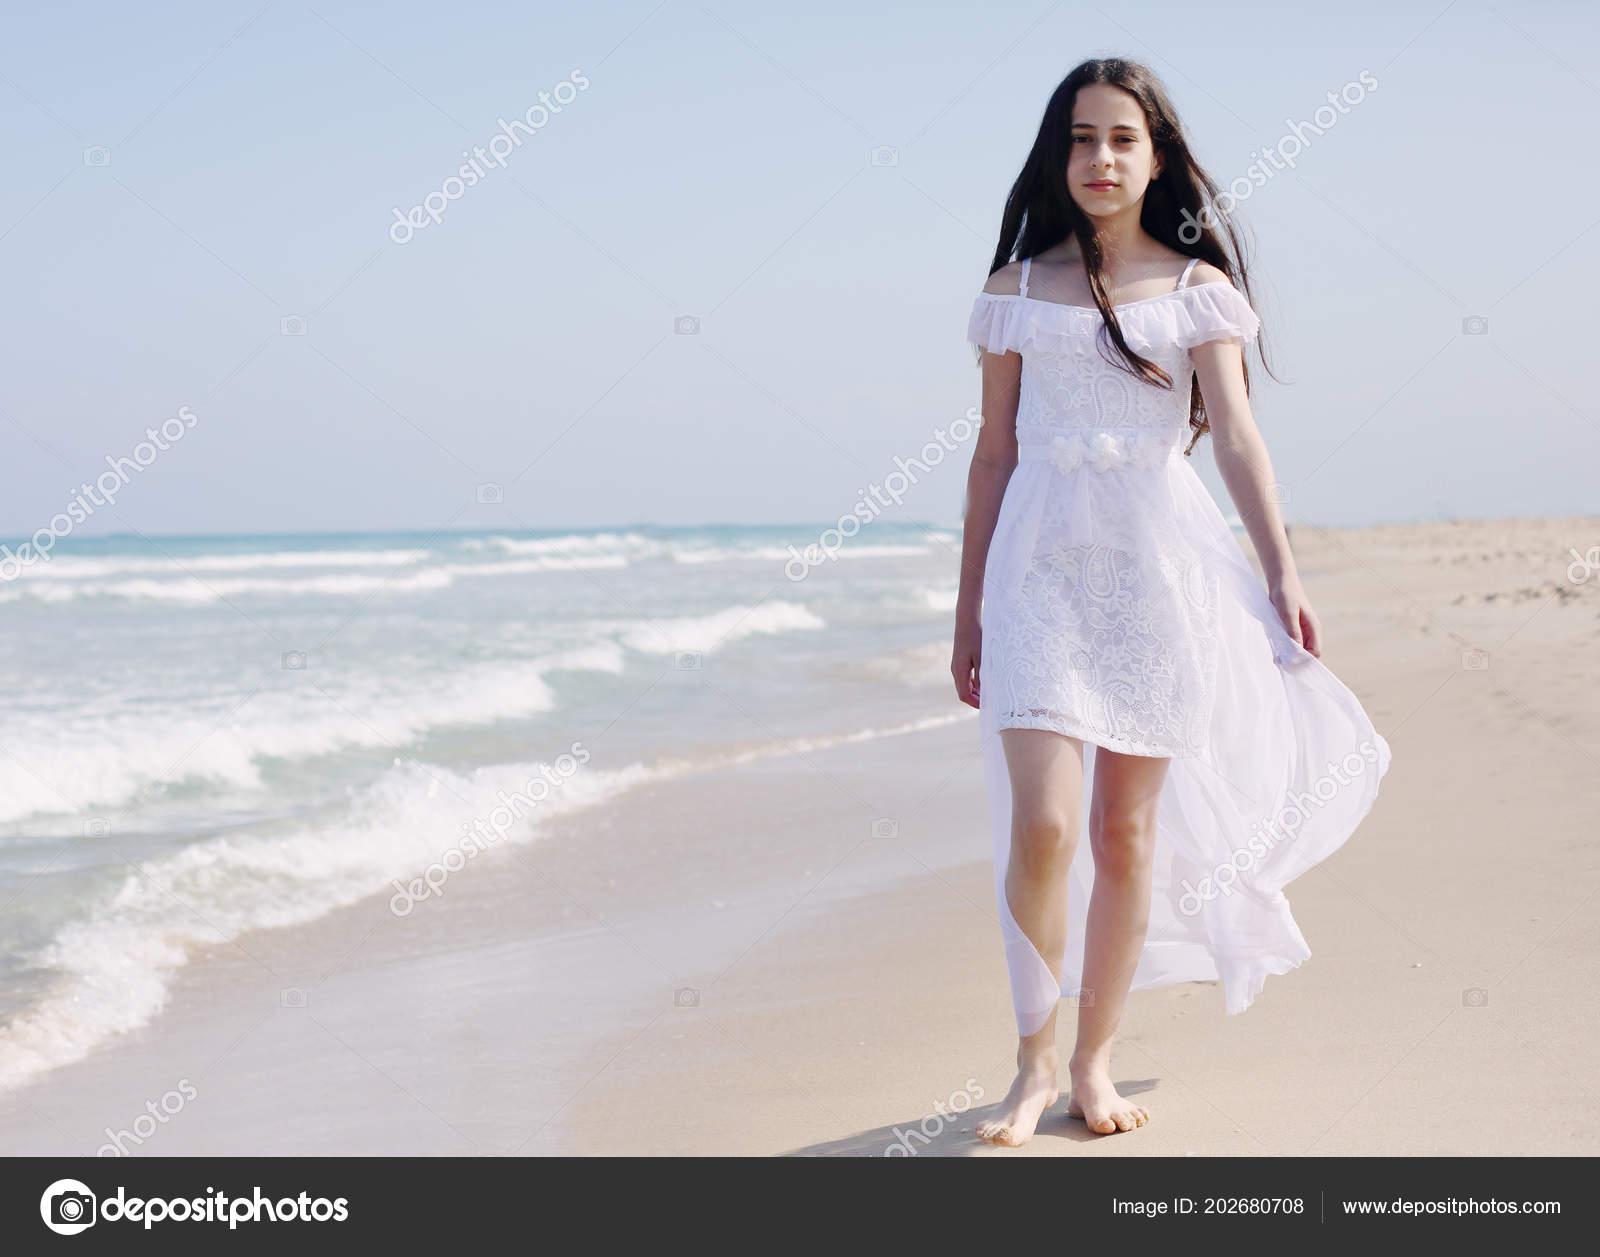 e85e4661379 Πορτρέτο του Νέοι γερμανική προγονή 12 χρονών κορίτσι περπάτημα μόνο στην  παραλία στη θερινή ημέρα — Εικόνα από ...